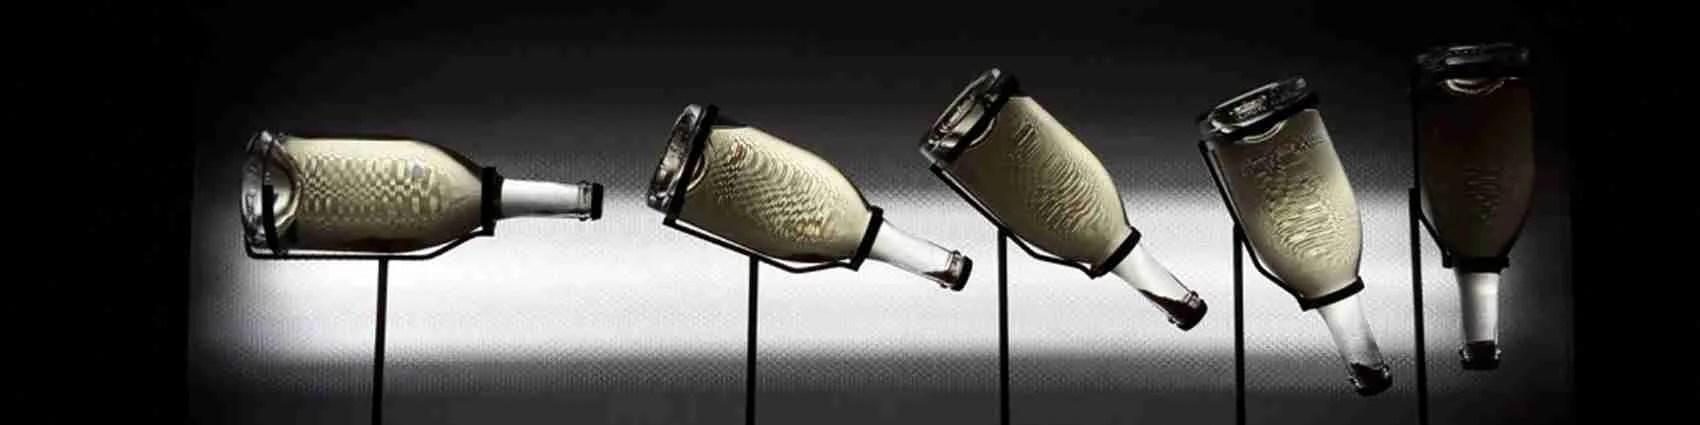 Per conquistare una bellissima escort Brescia, offrile un buon calice di vino Franciacorta. Magica Escort